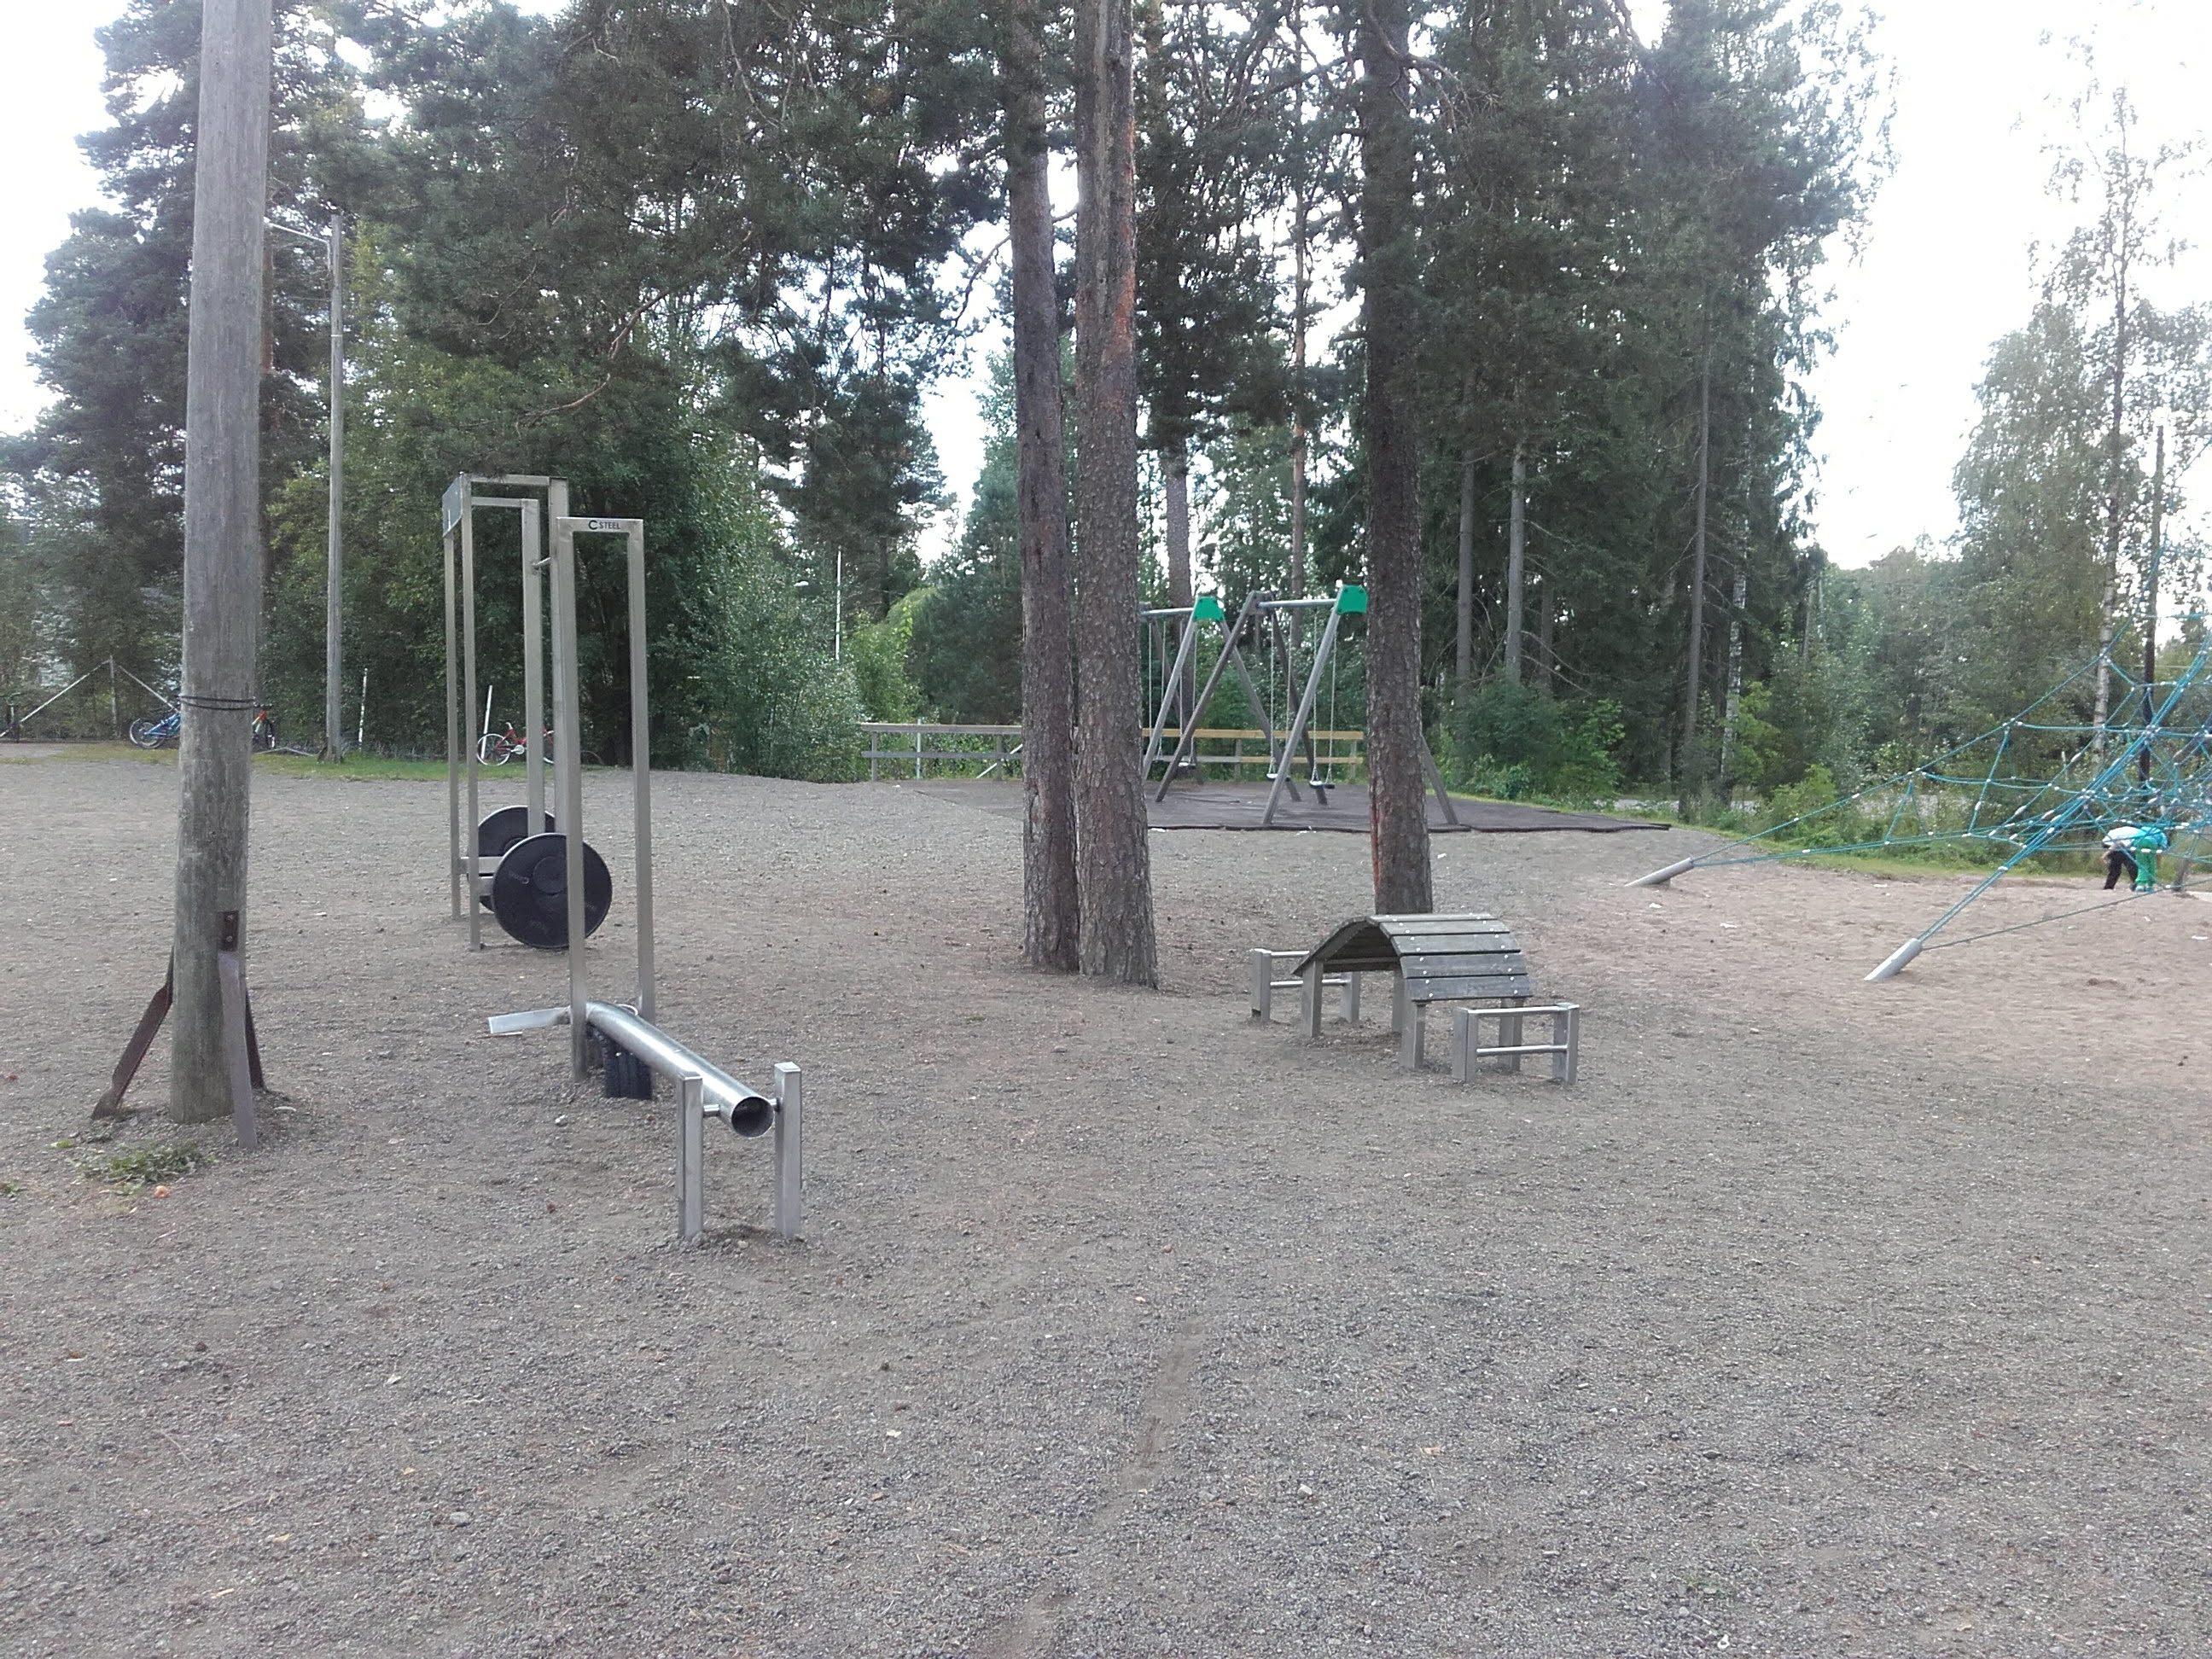 Hiekka-alue jossa muutama puu sekä kolme ulkokuntoilulaitetta.